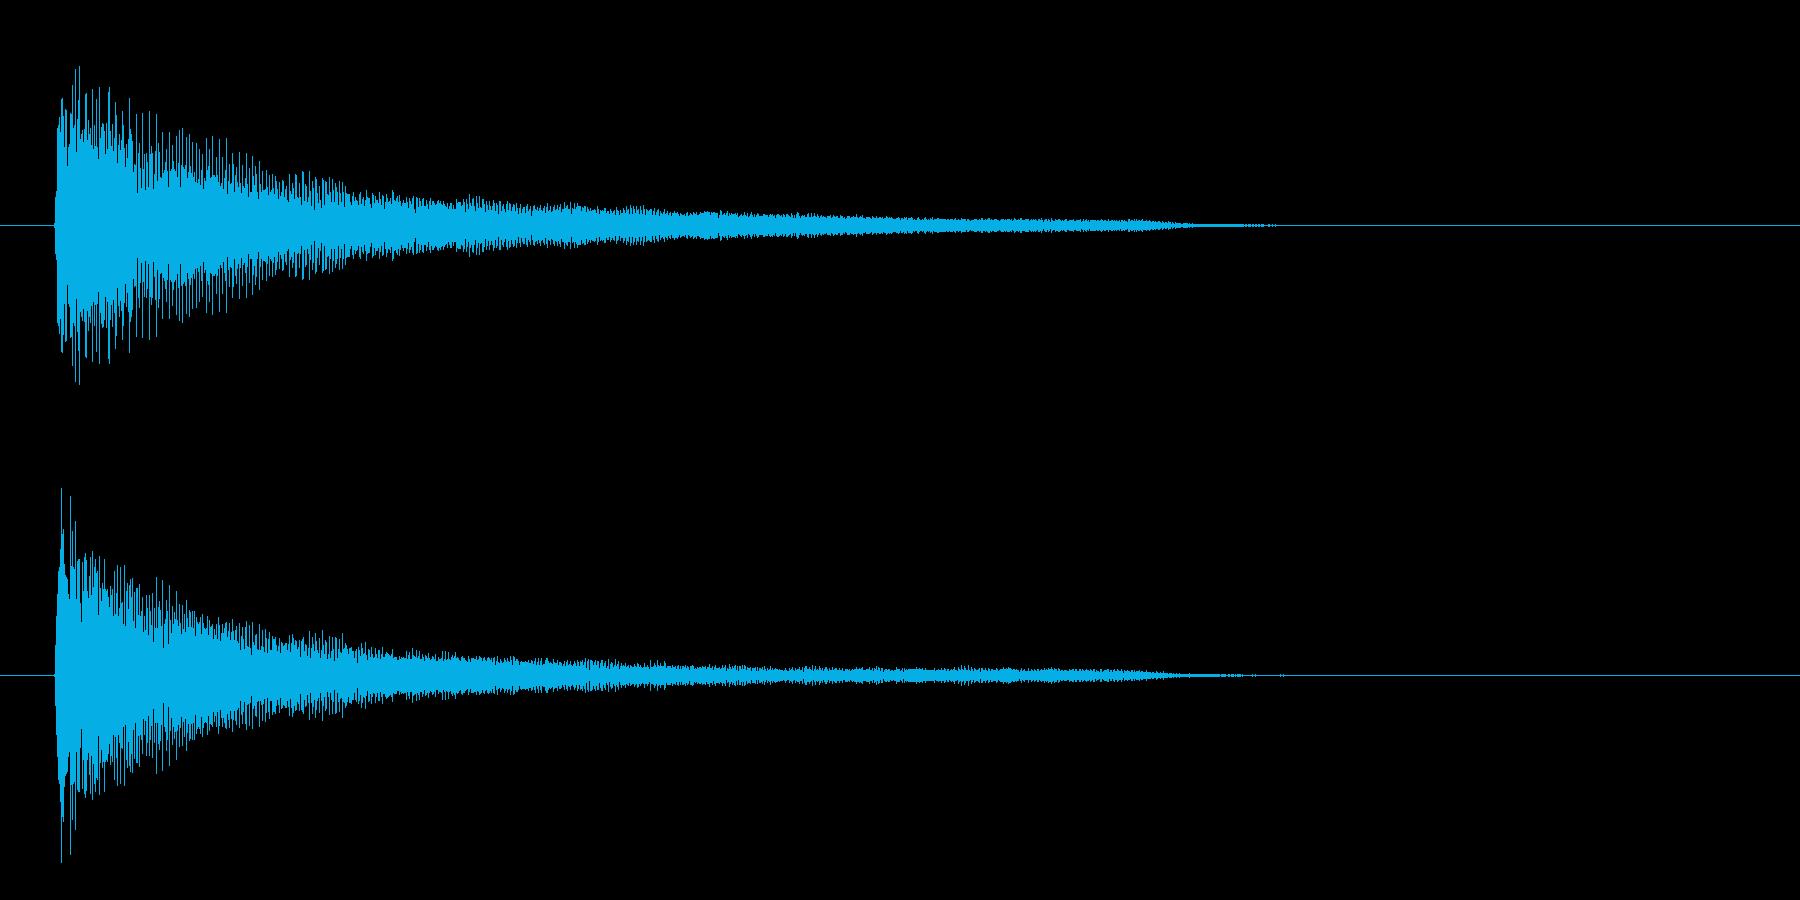 一番シンプルなピアノ和音(コード)の再生済みの波形